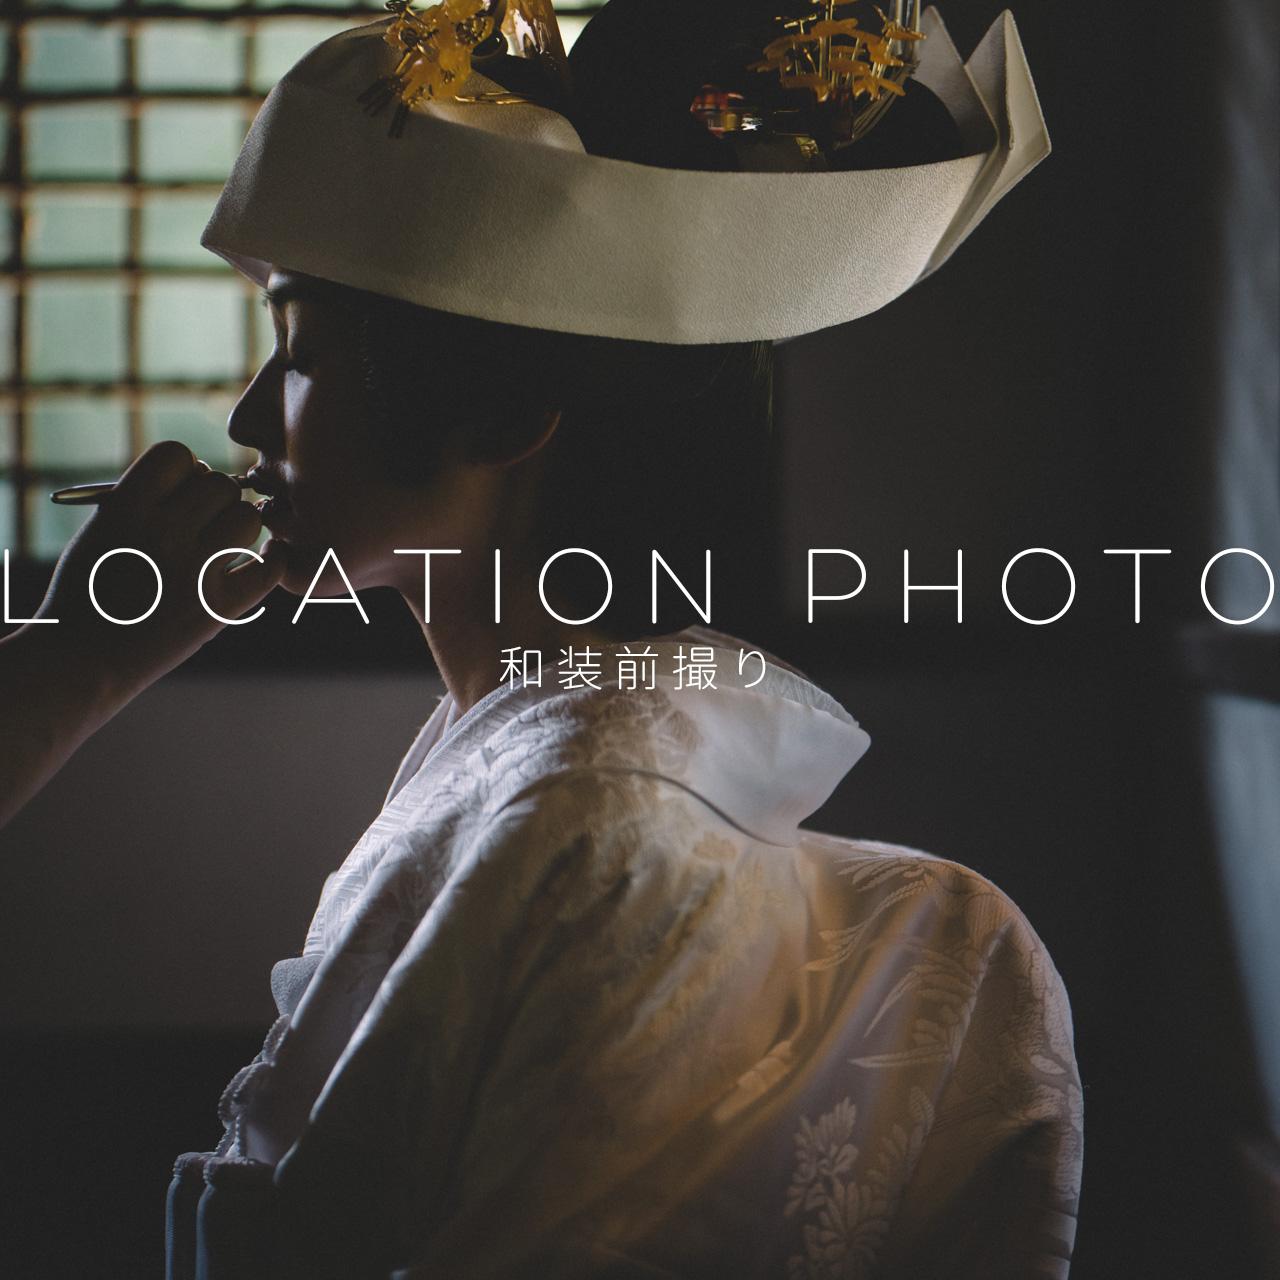 結婚式カメラマン ウェディングフォト 結婚写真 ロケーションフォト 和装前撮り Fika and Fotos